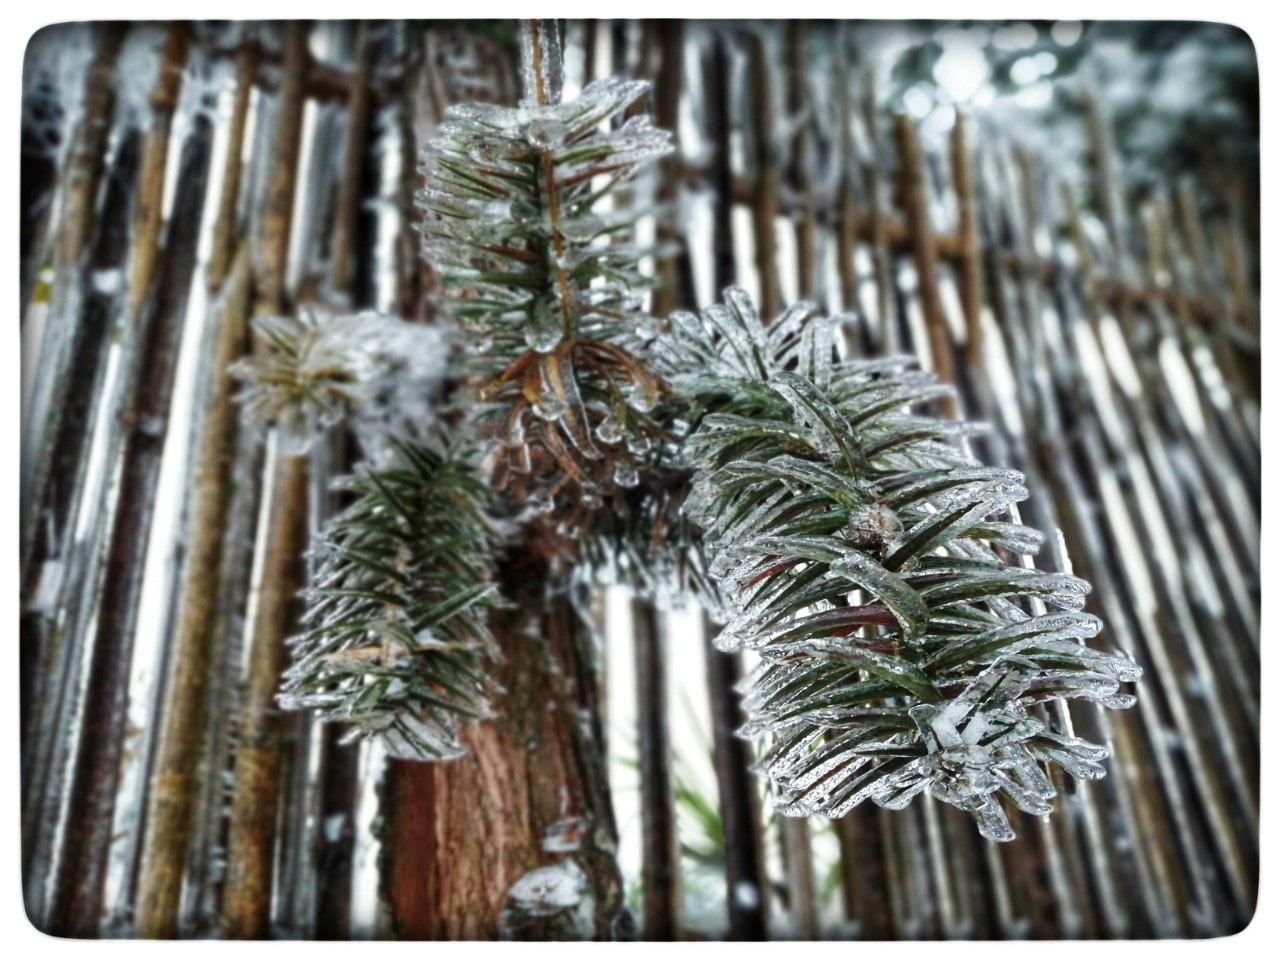 Lào Cai: Lạnh -3 độ C, Y Tý ngày tuyết rơi như chiếc tủ lạnh khổng lồ, đẹp như trời Âu - Ảnh 5.